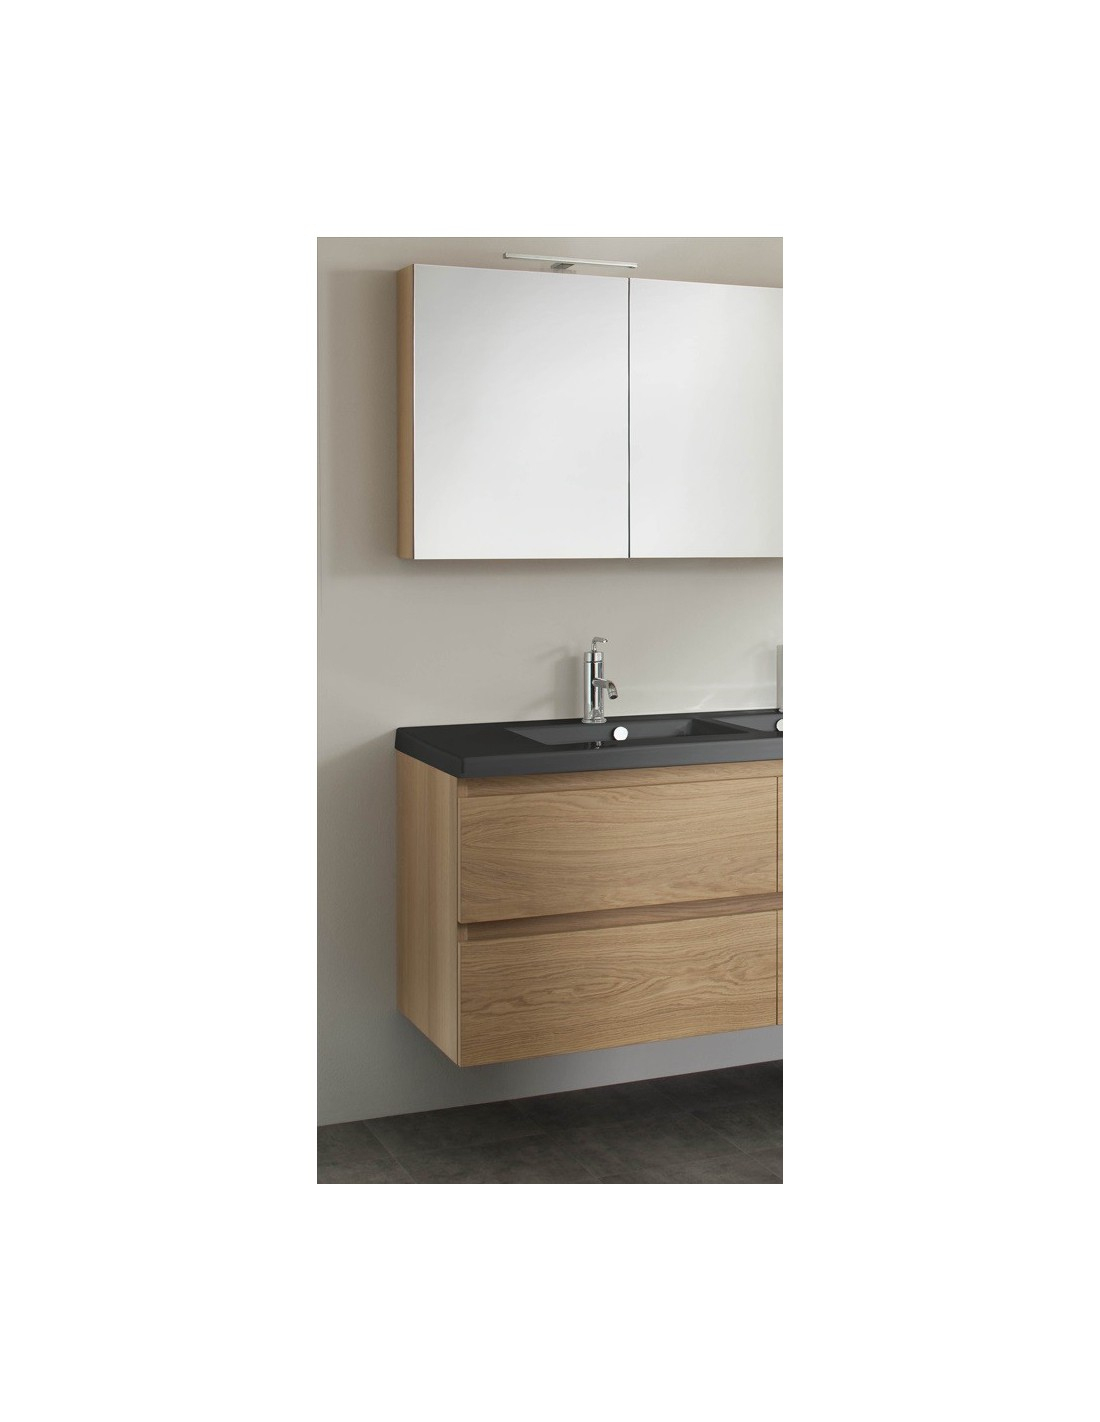 Meuble 70 Cm 1 Vasque Table Noire Armoire De Toilette Pour Armoire De Toilette Sanijura Agencecormierdelauniere Com Agencecormierdelauniere Com